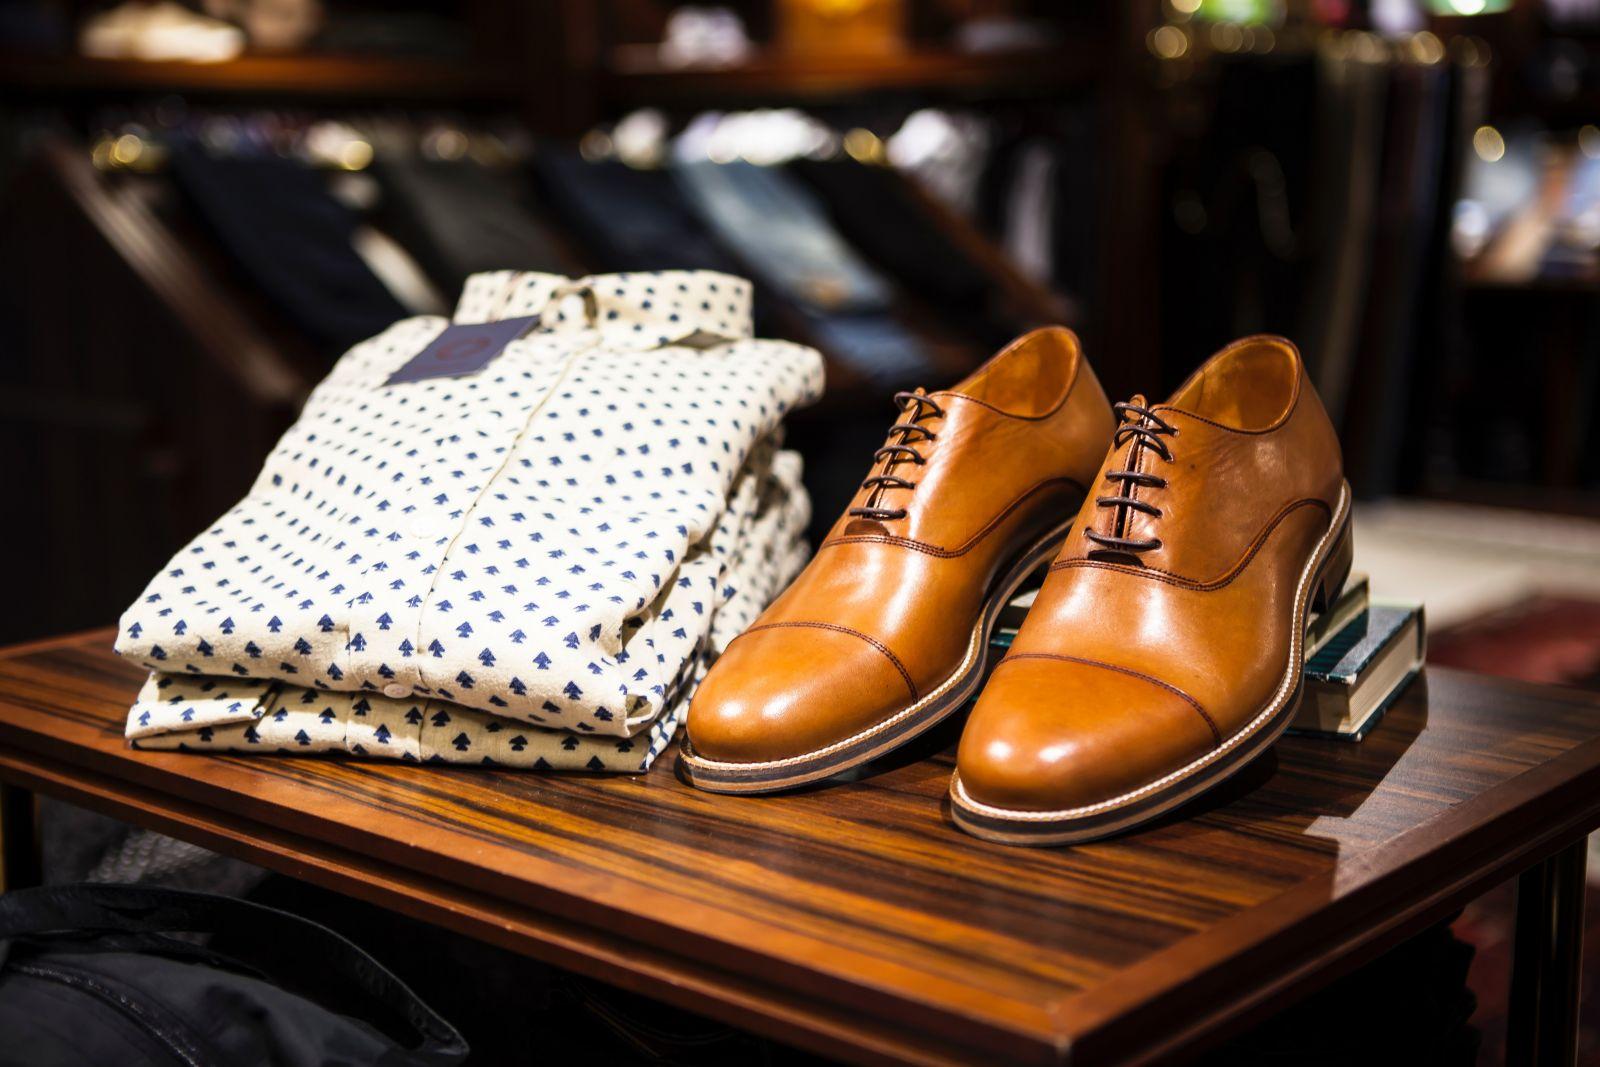 Uma boa camisa alinhada ao corpo e um sapato marrom são itens que fazem a diferença no estilo masculino | Reprodução / Foto de Terje Sollie no Pexels